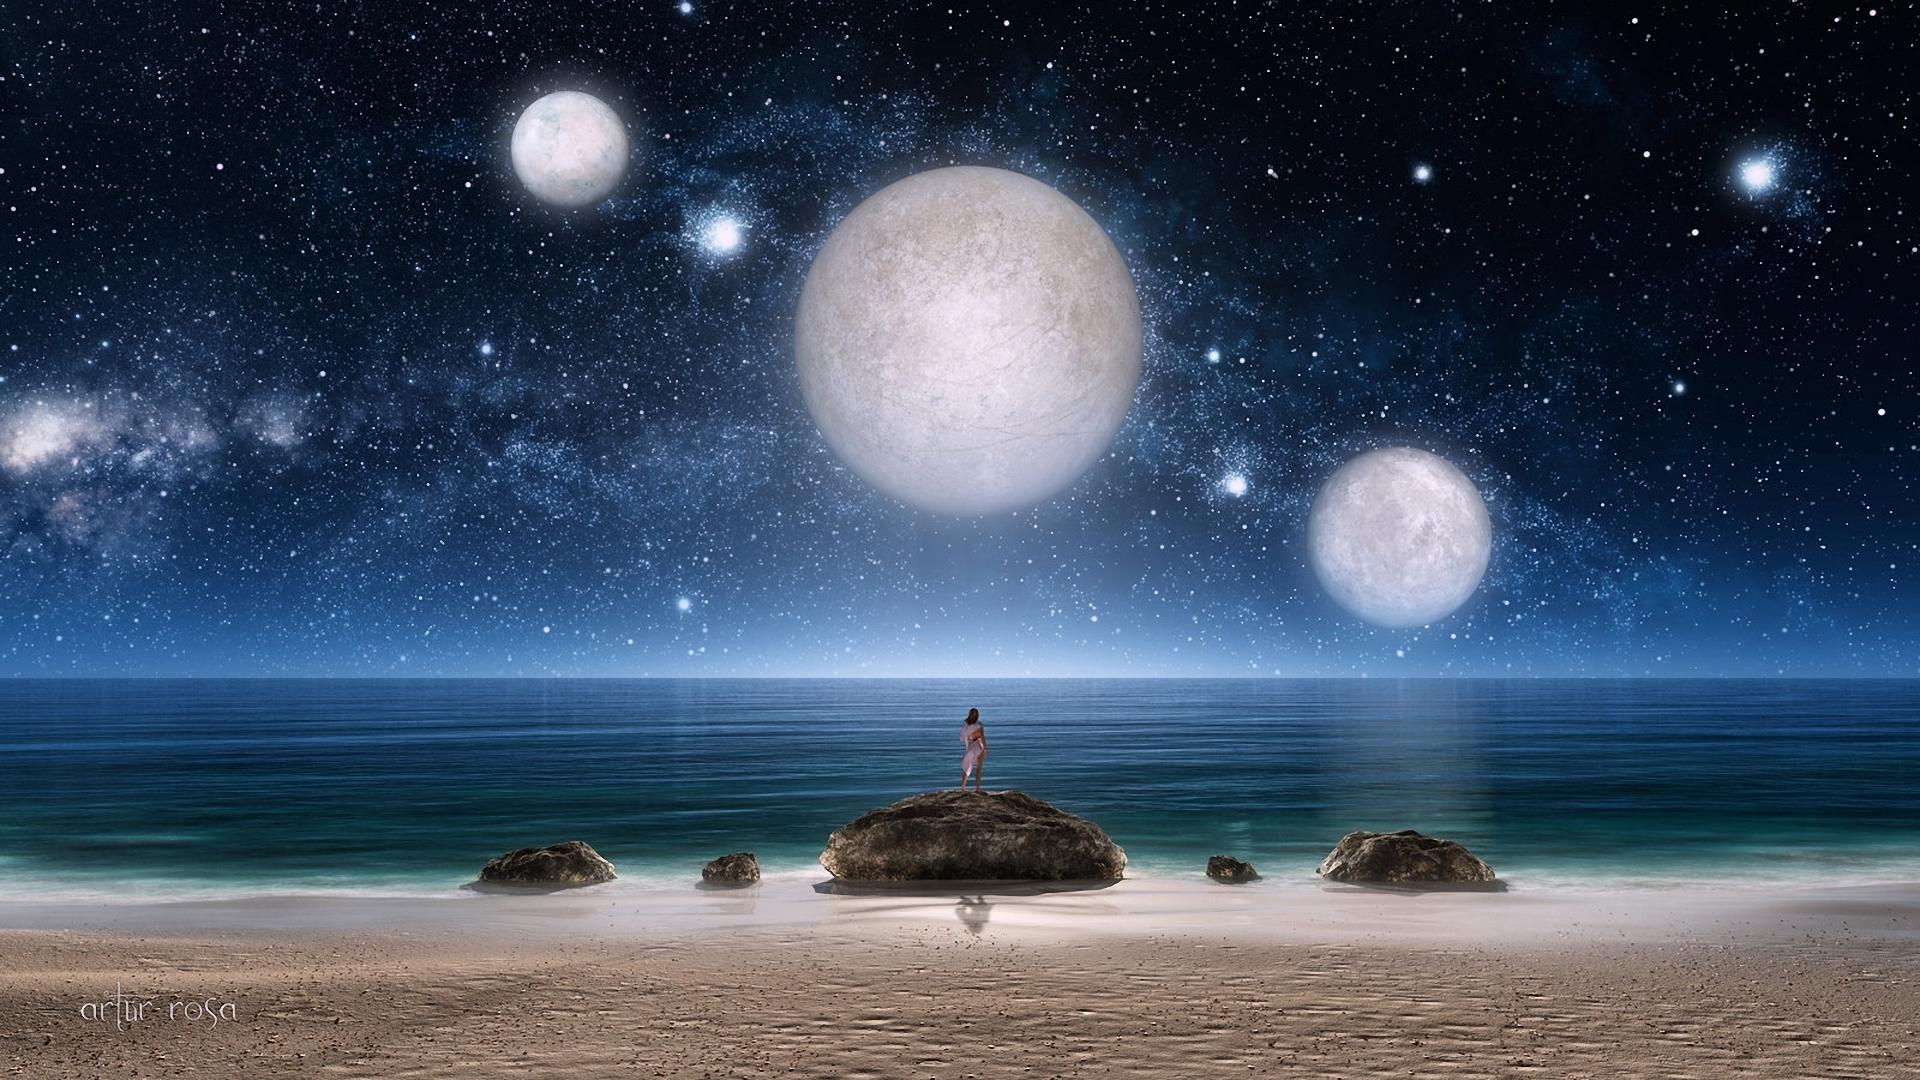 Картинки луны и других планет статье просто